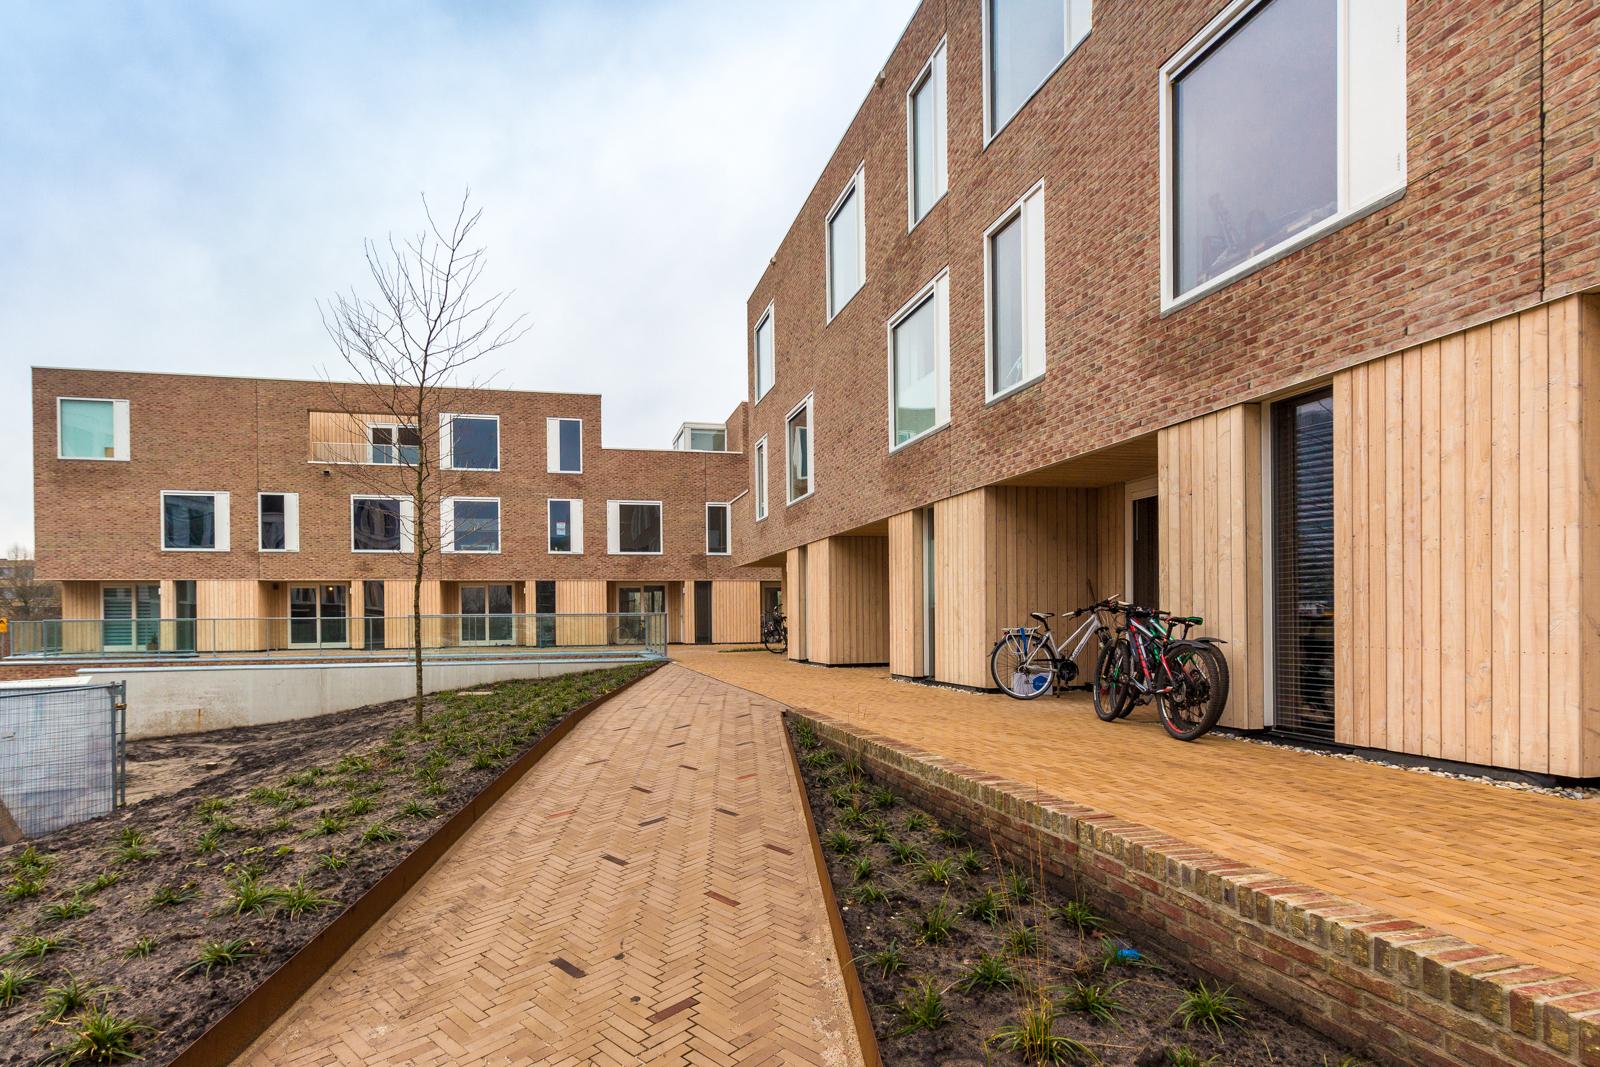 Lunettenhof_Groningen-6652